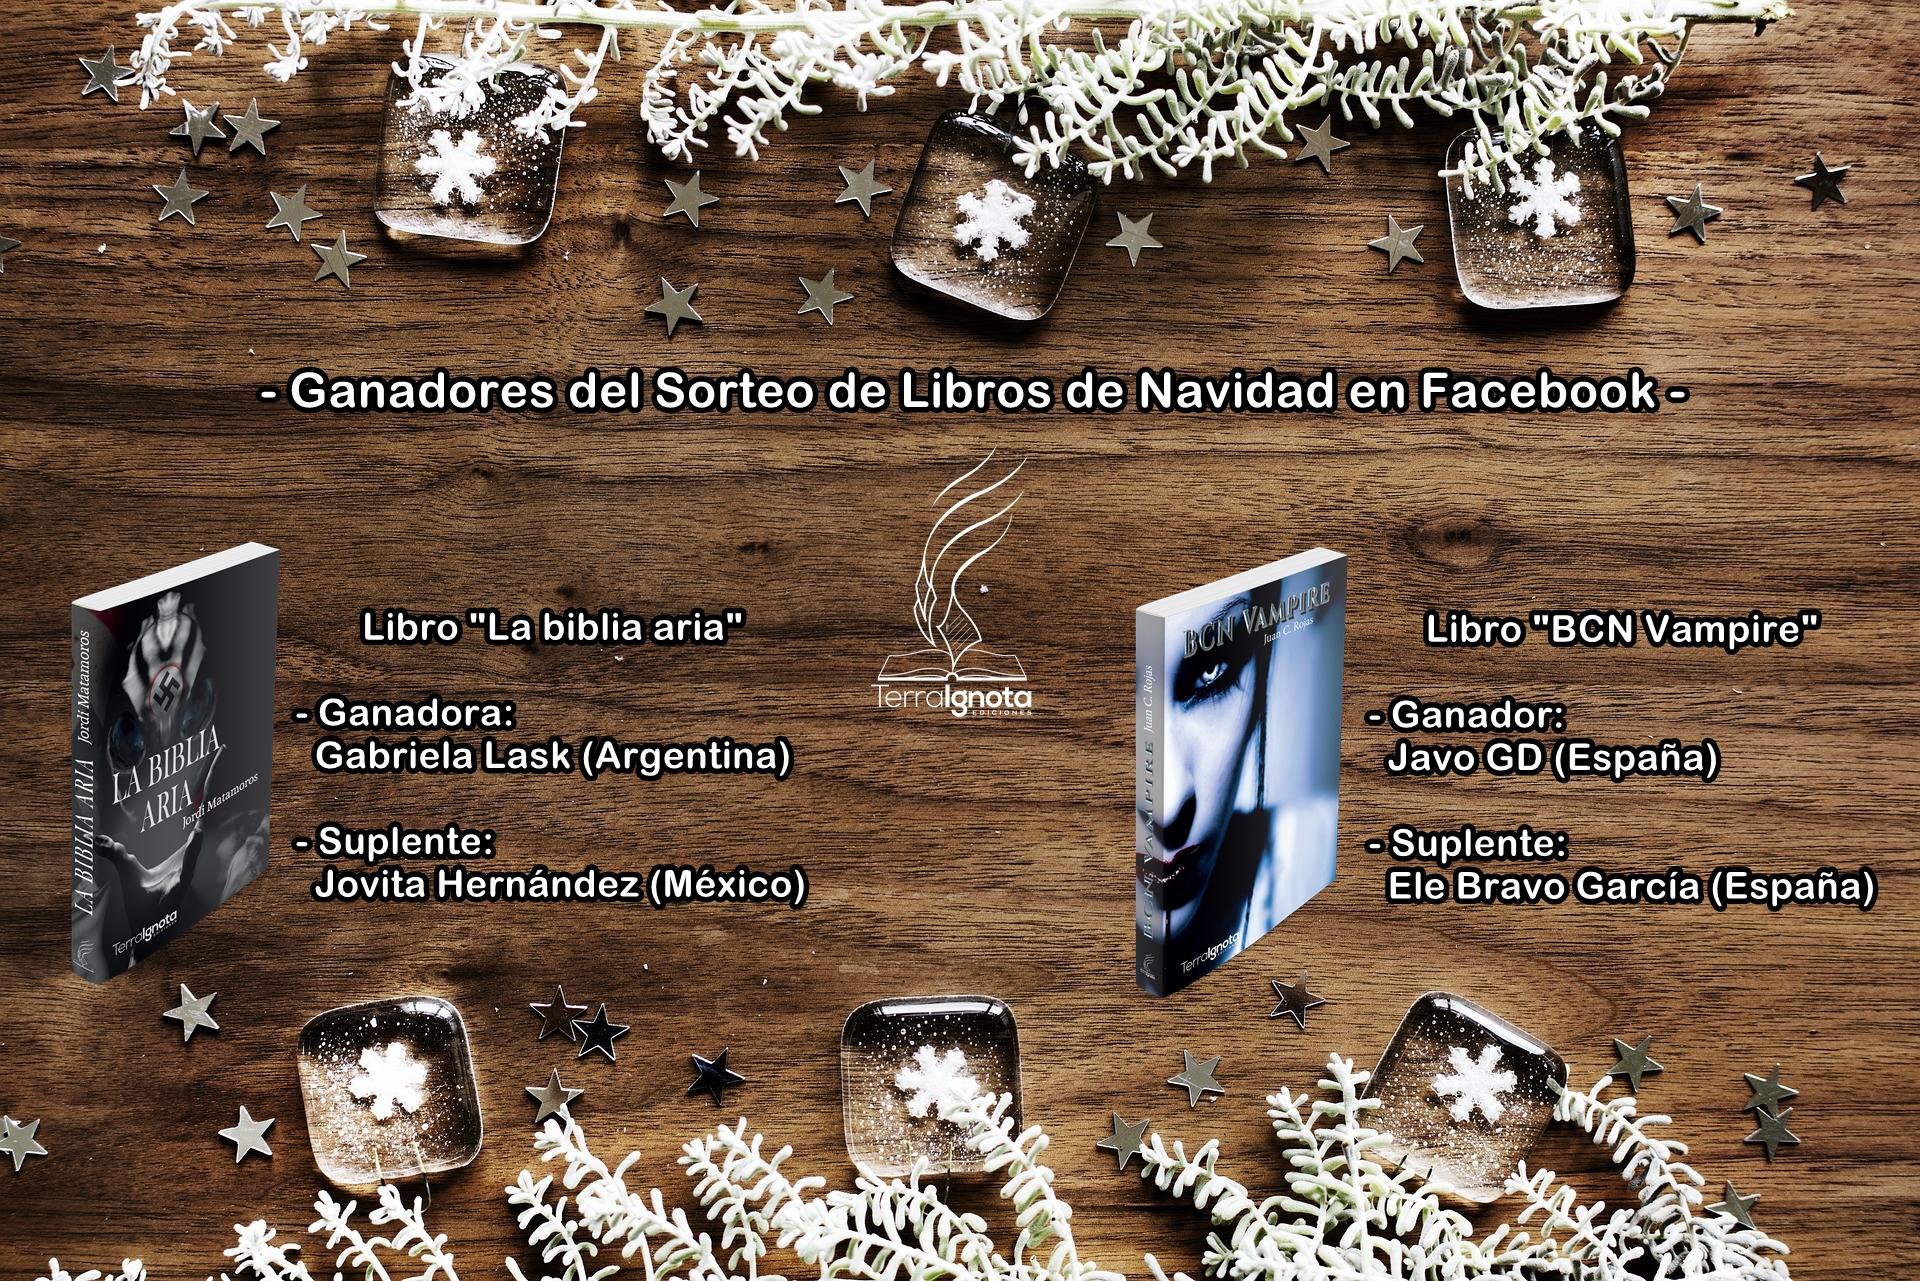 Publicar-un-libro-editar-Madrid-Barcelona-cataluña-españa-català-Andalucia-coedicion-autoedicion-sorteo-de-libros-de-navidad-la-biblia-aria-bcn-vampire-ganadores-facebook